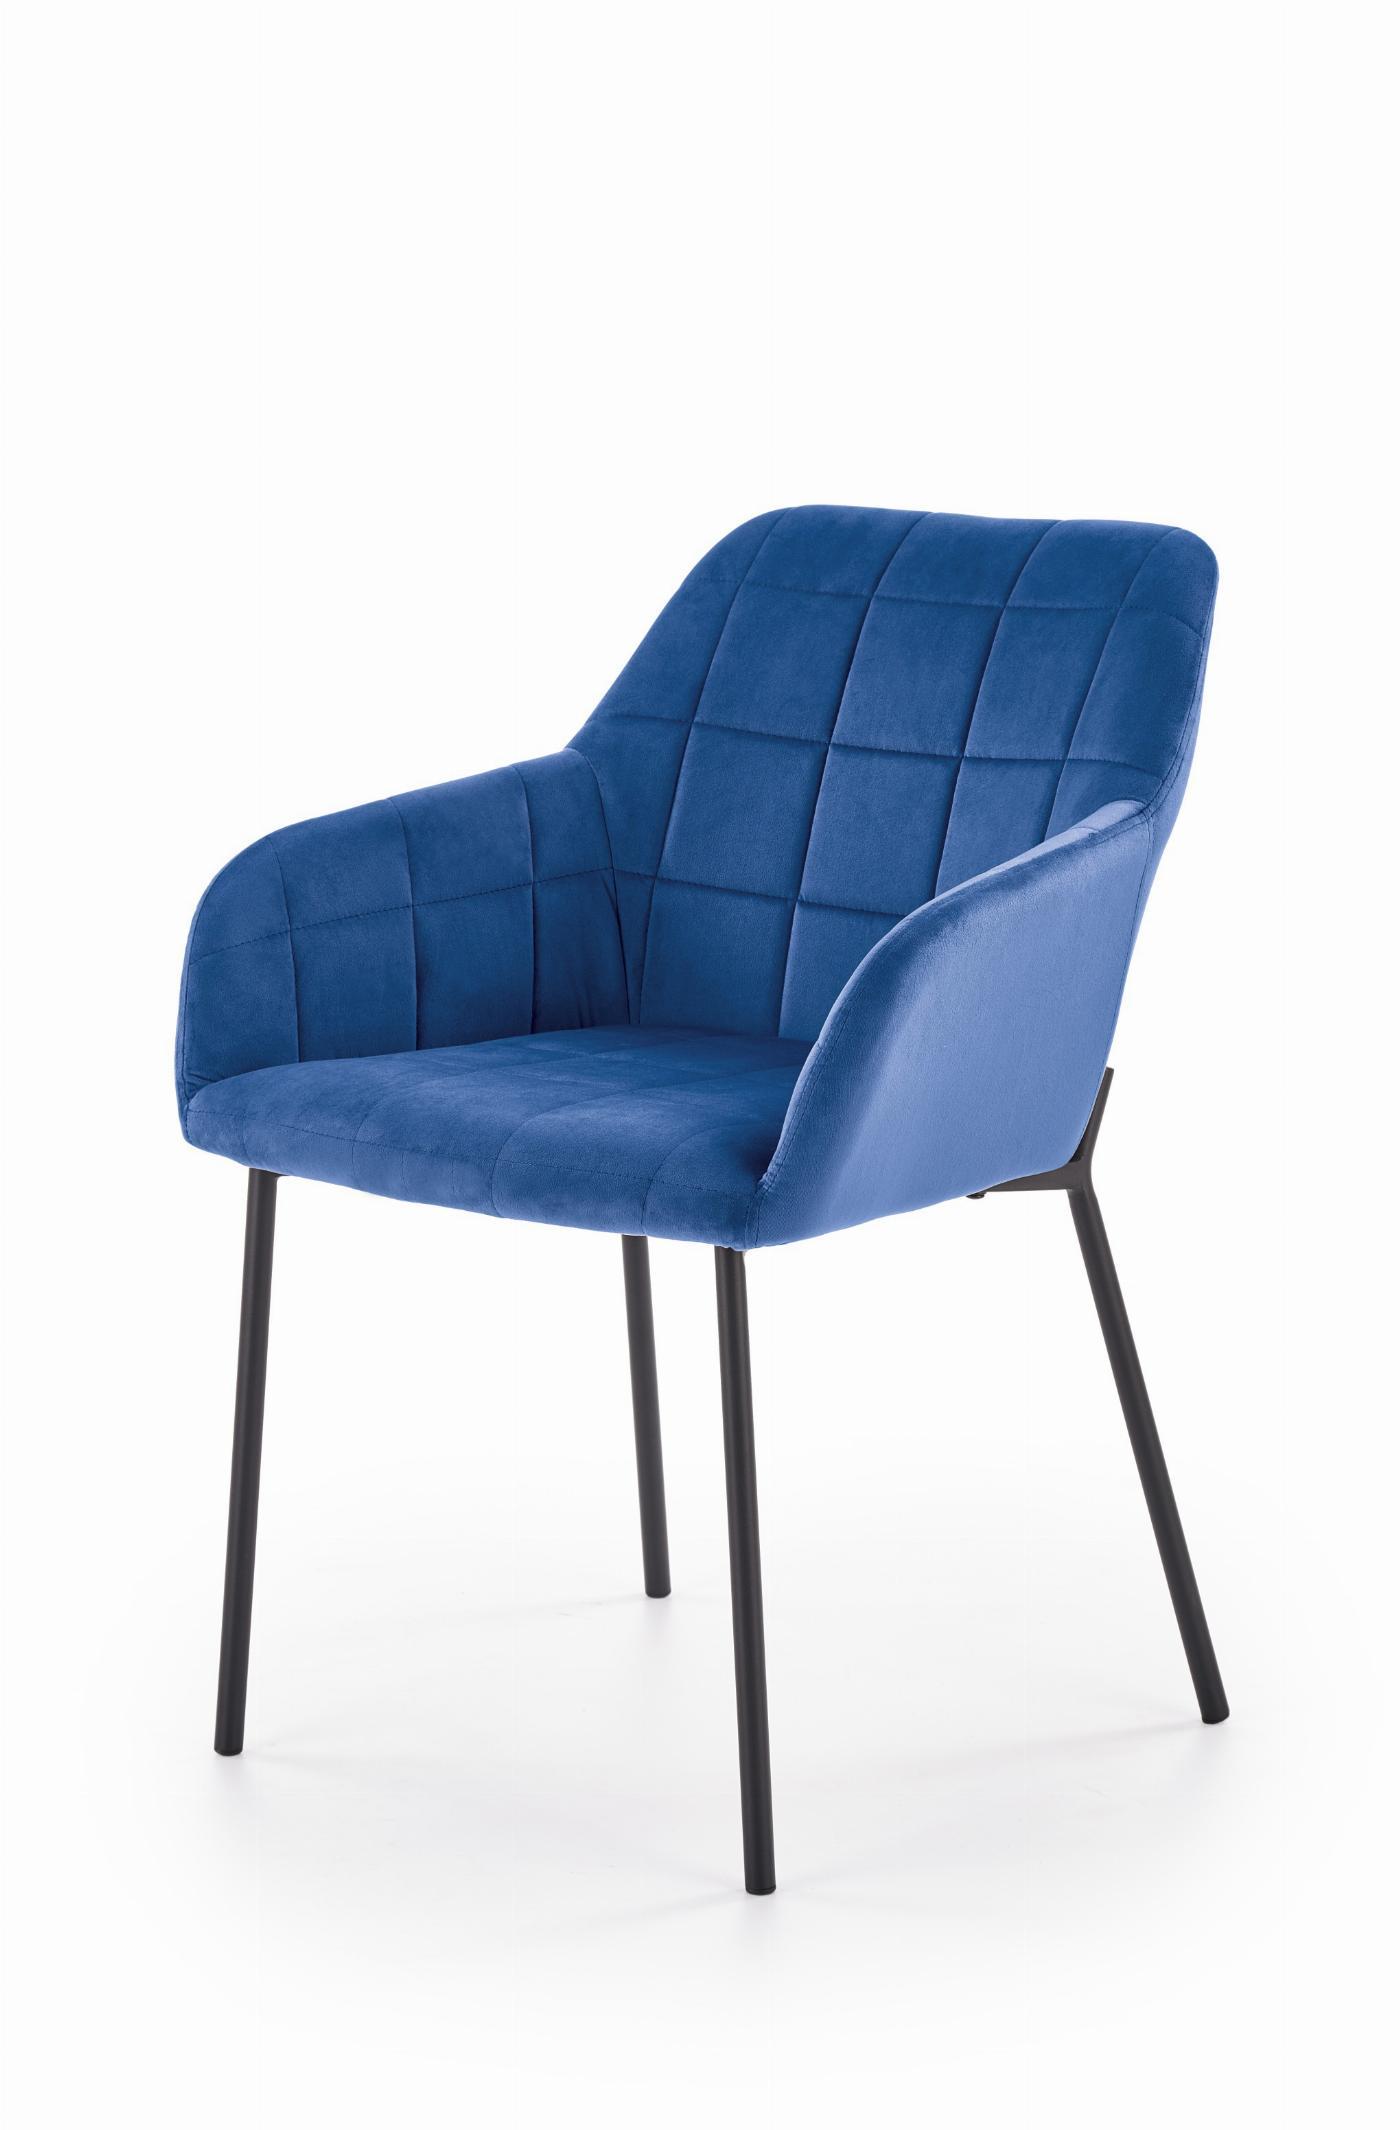 K305 krzesło czarny / granatowy (1p=2szt)